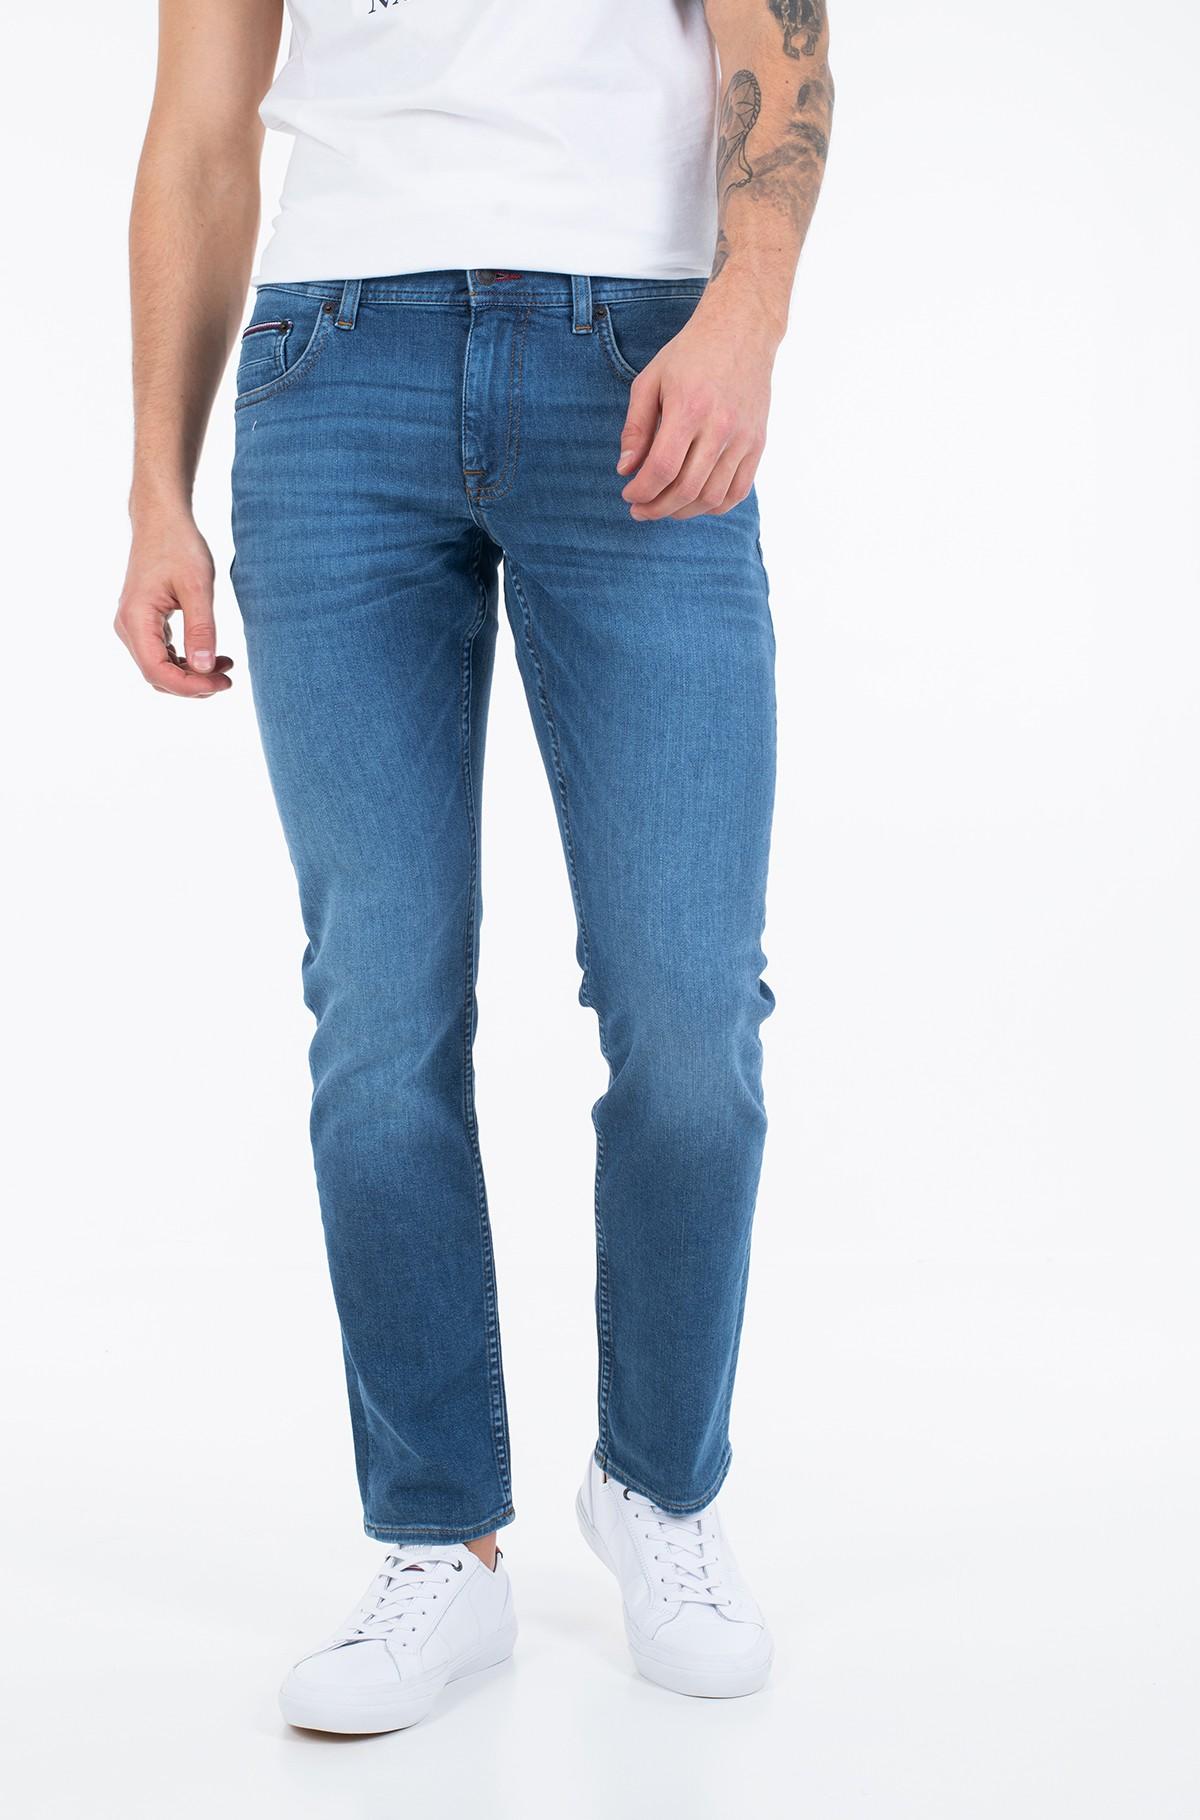 Jeans STRAIGHT DENTON SSTR NEESE BLUE-full-1